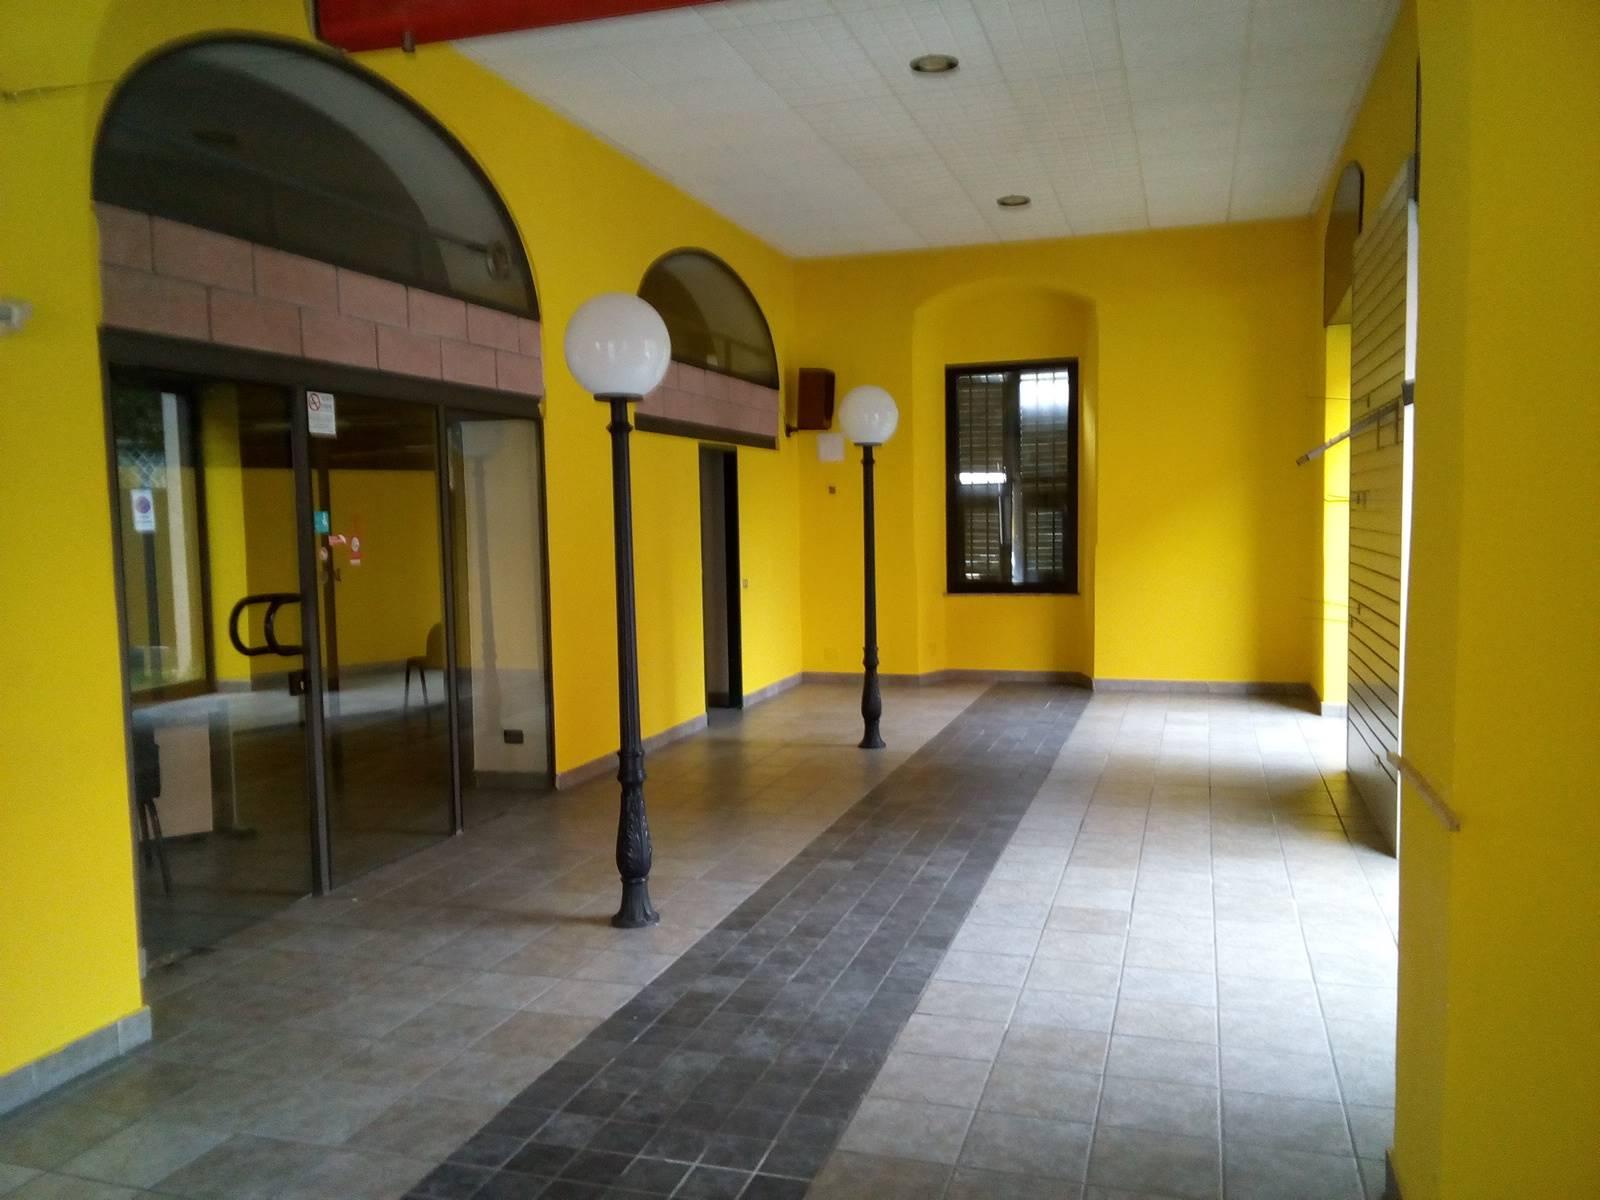 Immobile Commerciale in affitto a La Spezia, 2 locali, zona Zona: Mazzetta, prezzo € 1.600   CambioCasa.it